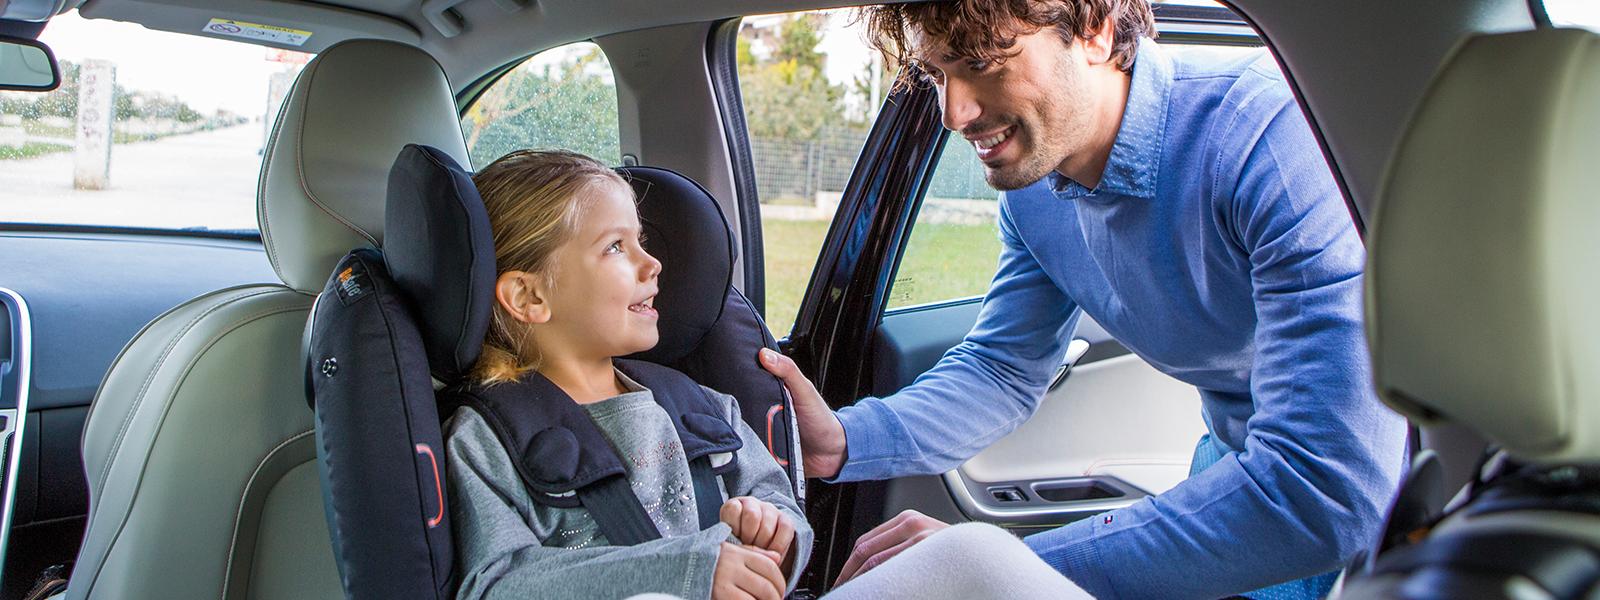 Vi vill läsa era BeSafe recensioner. På bilden ser ni en pappa som spänner fast sin dotter i sin BeSafe bilbarnstol i bilen.